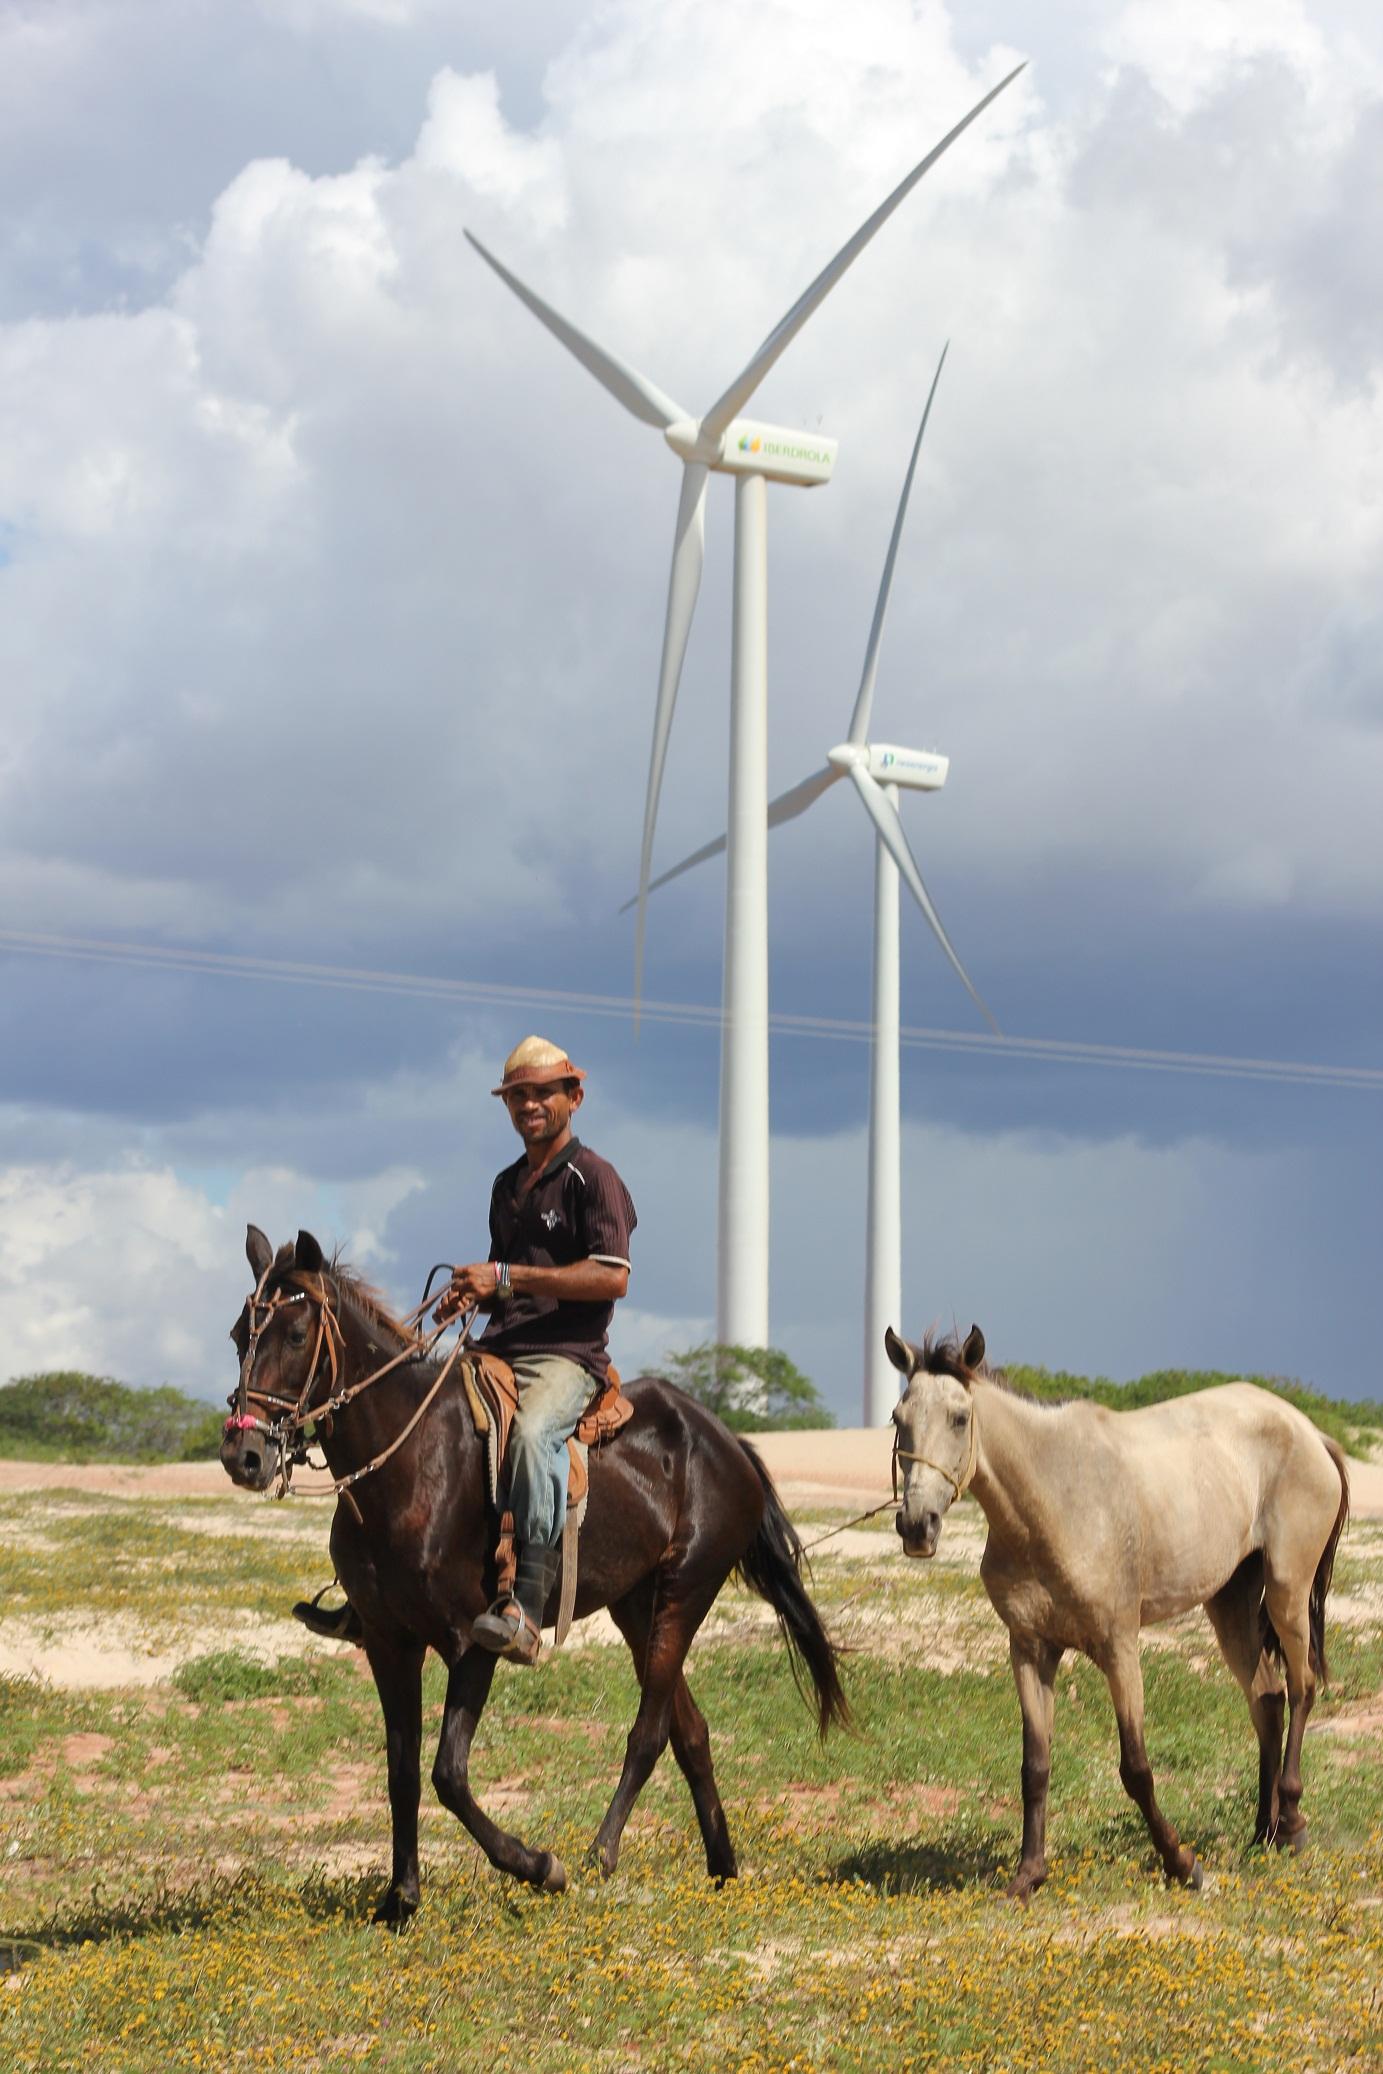 Iberdrola y Neoenergía se adjudican tres nuevos parques eólicos en Brasil que suman 90 megavatios de potencia